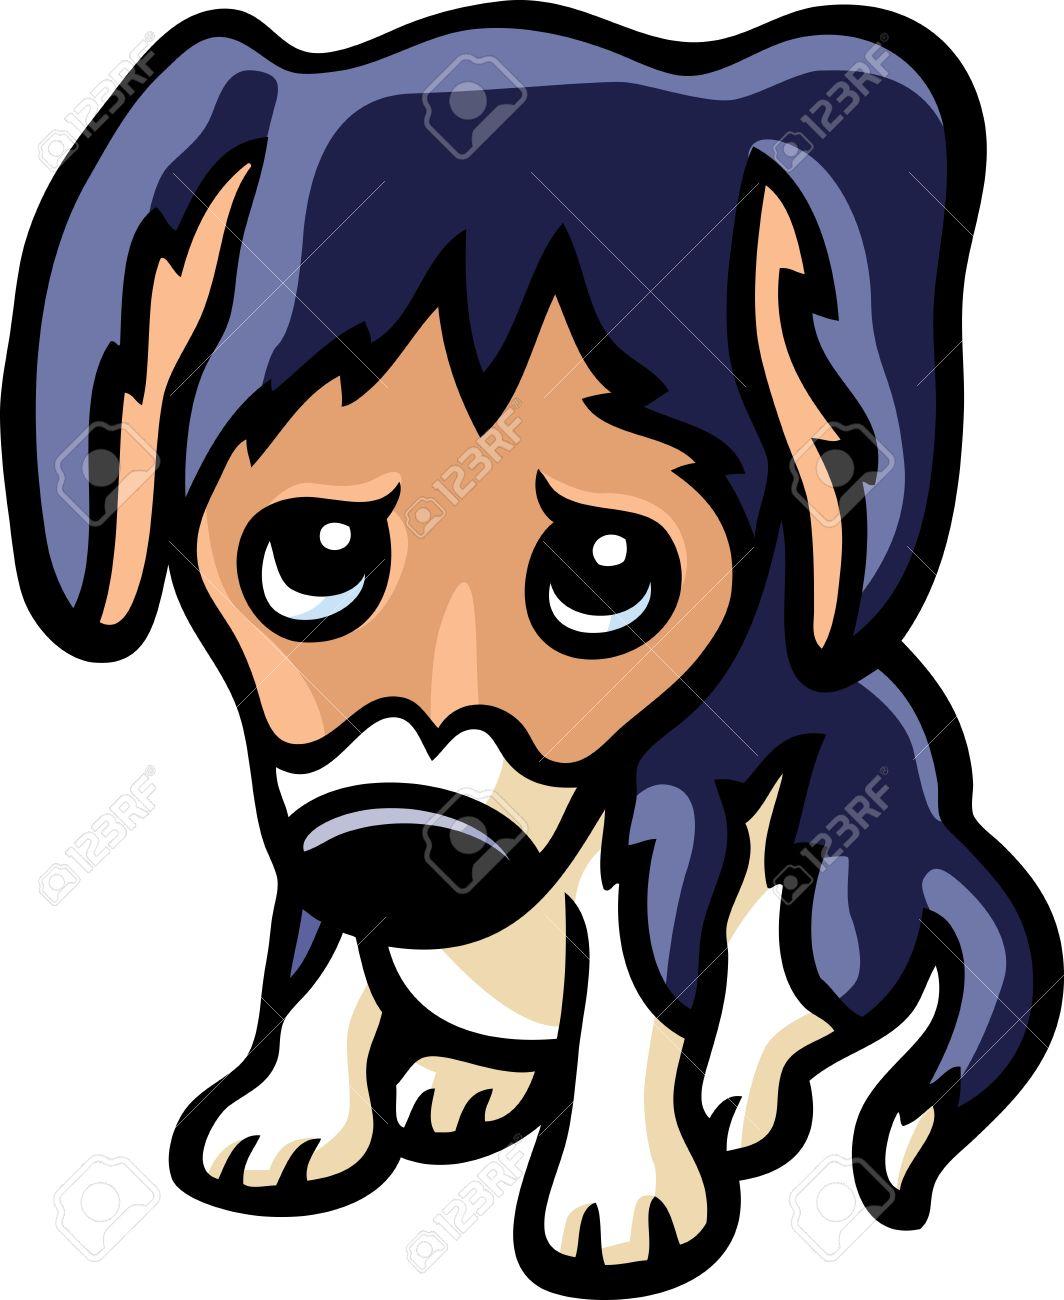 Pets clipart sad #10